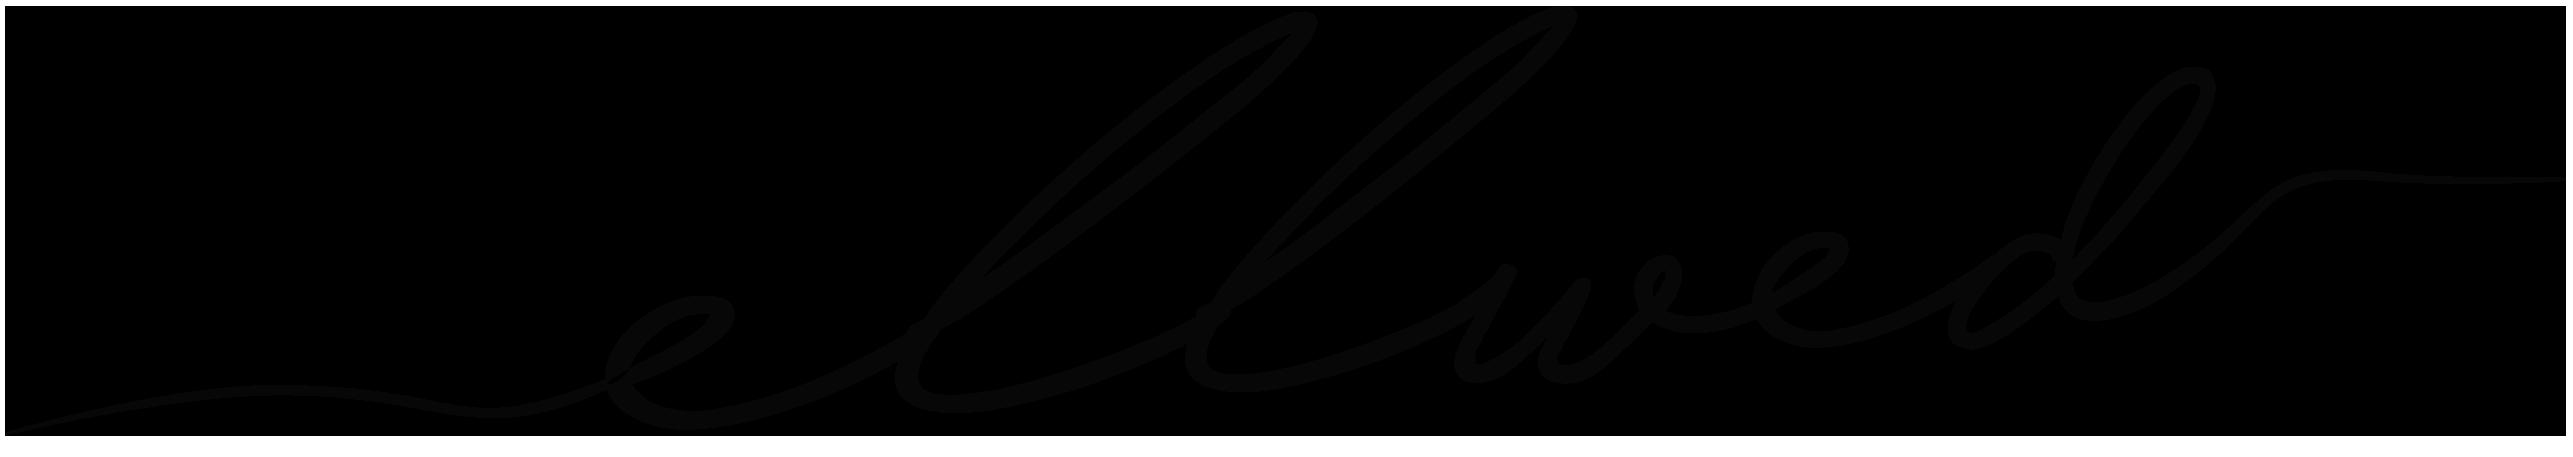 Ellwed Logo